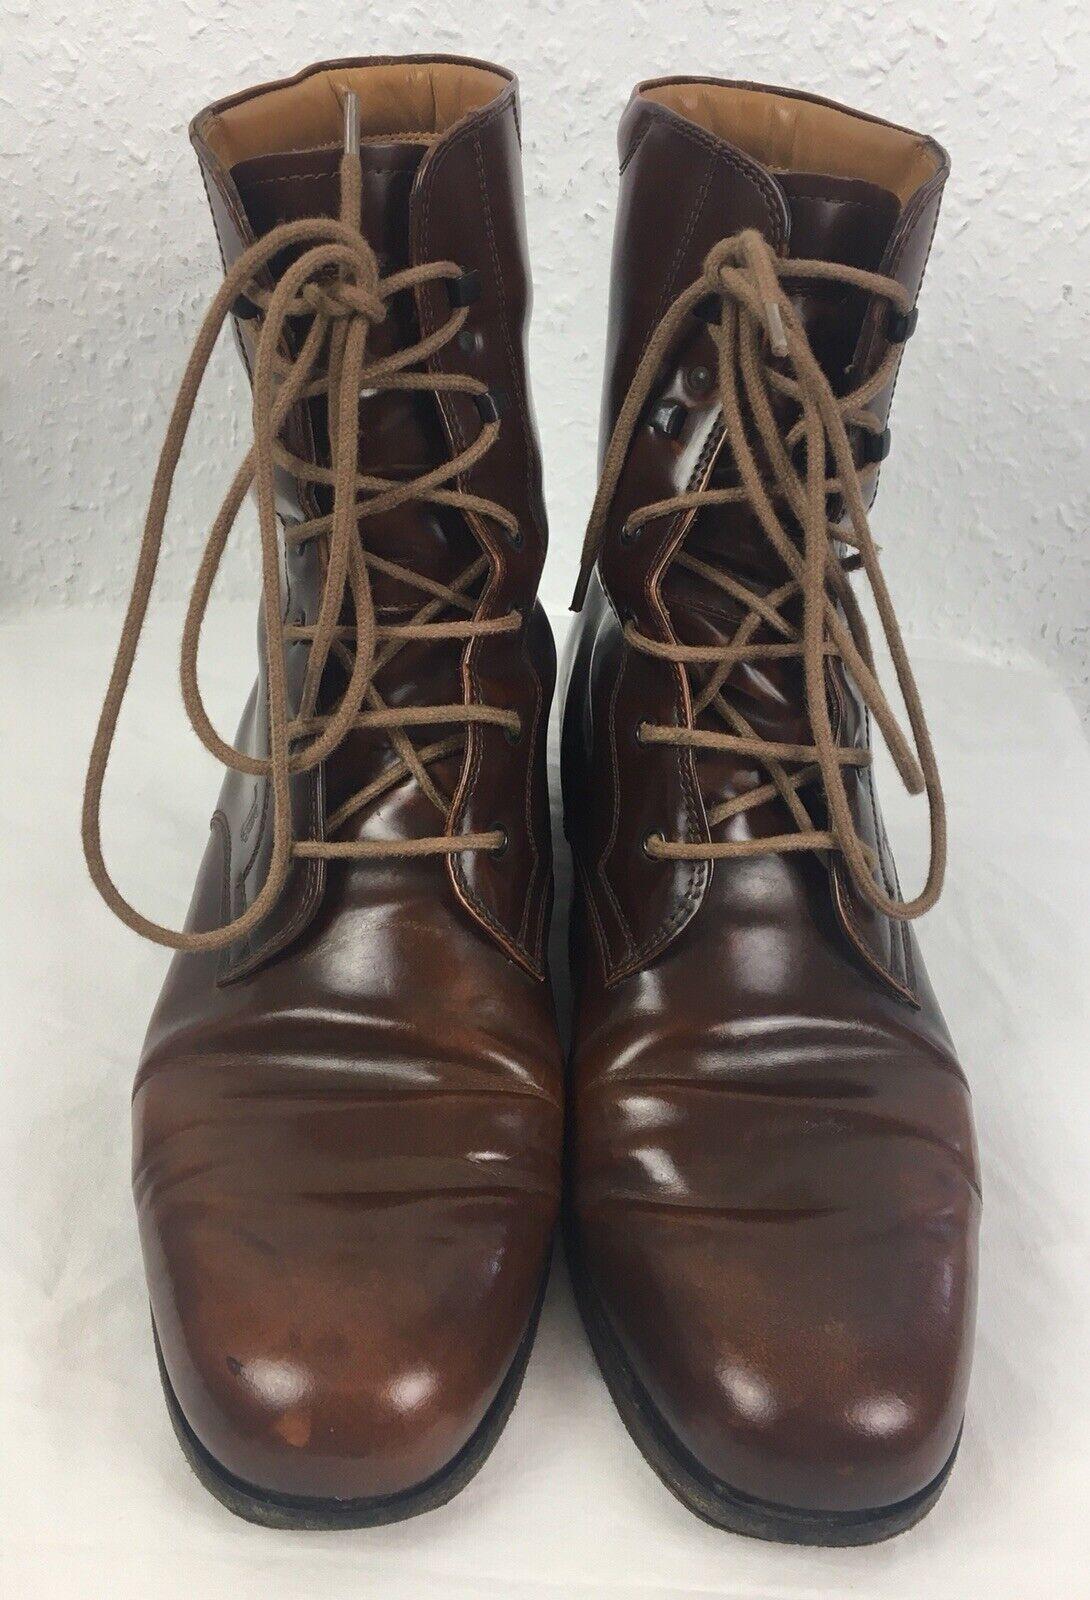 Tod's tods botines con cordones charol óptica unisex Handmade zapatos de diseño